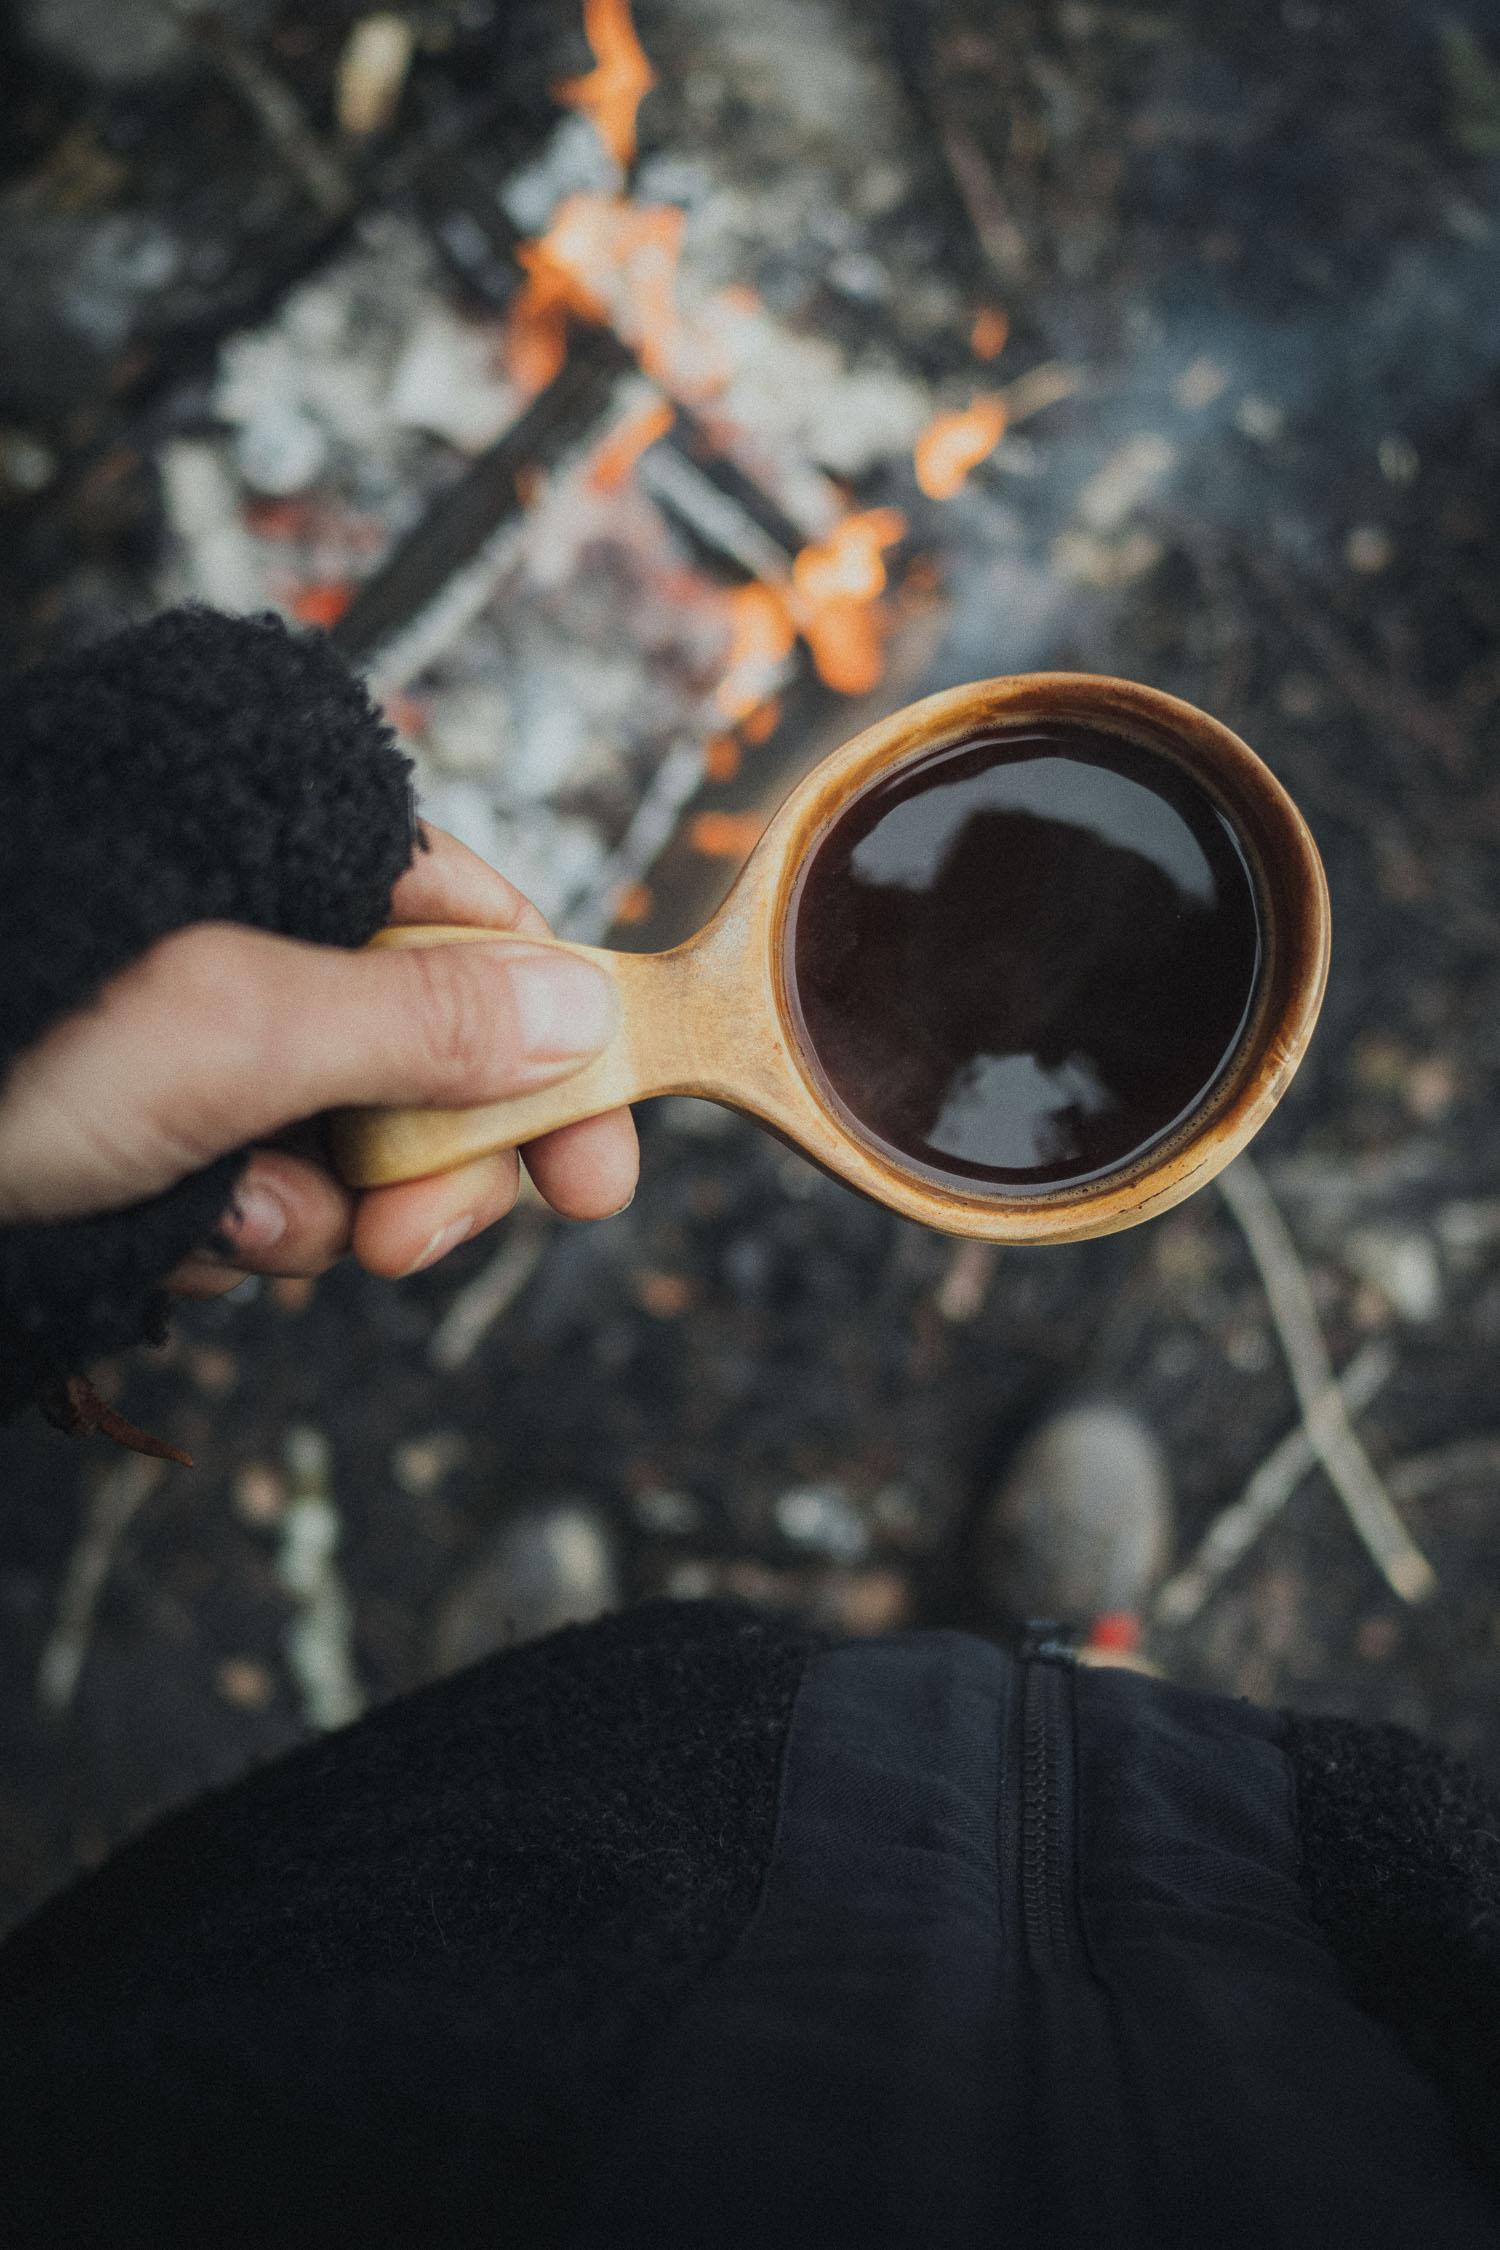 coffee in a wooden kuuksa